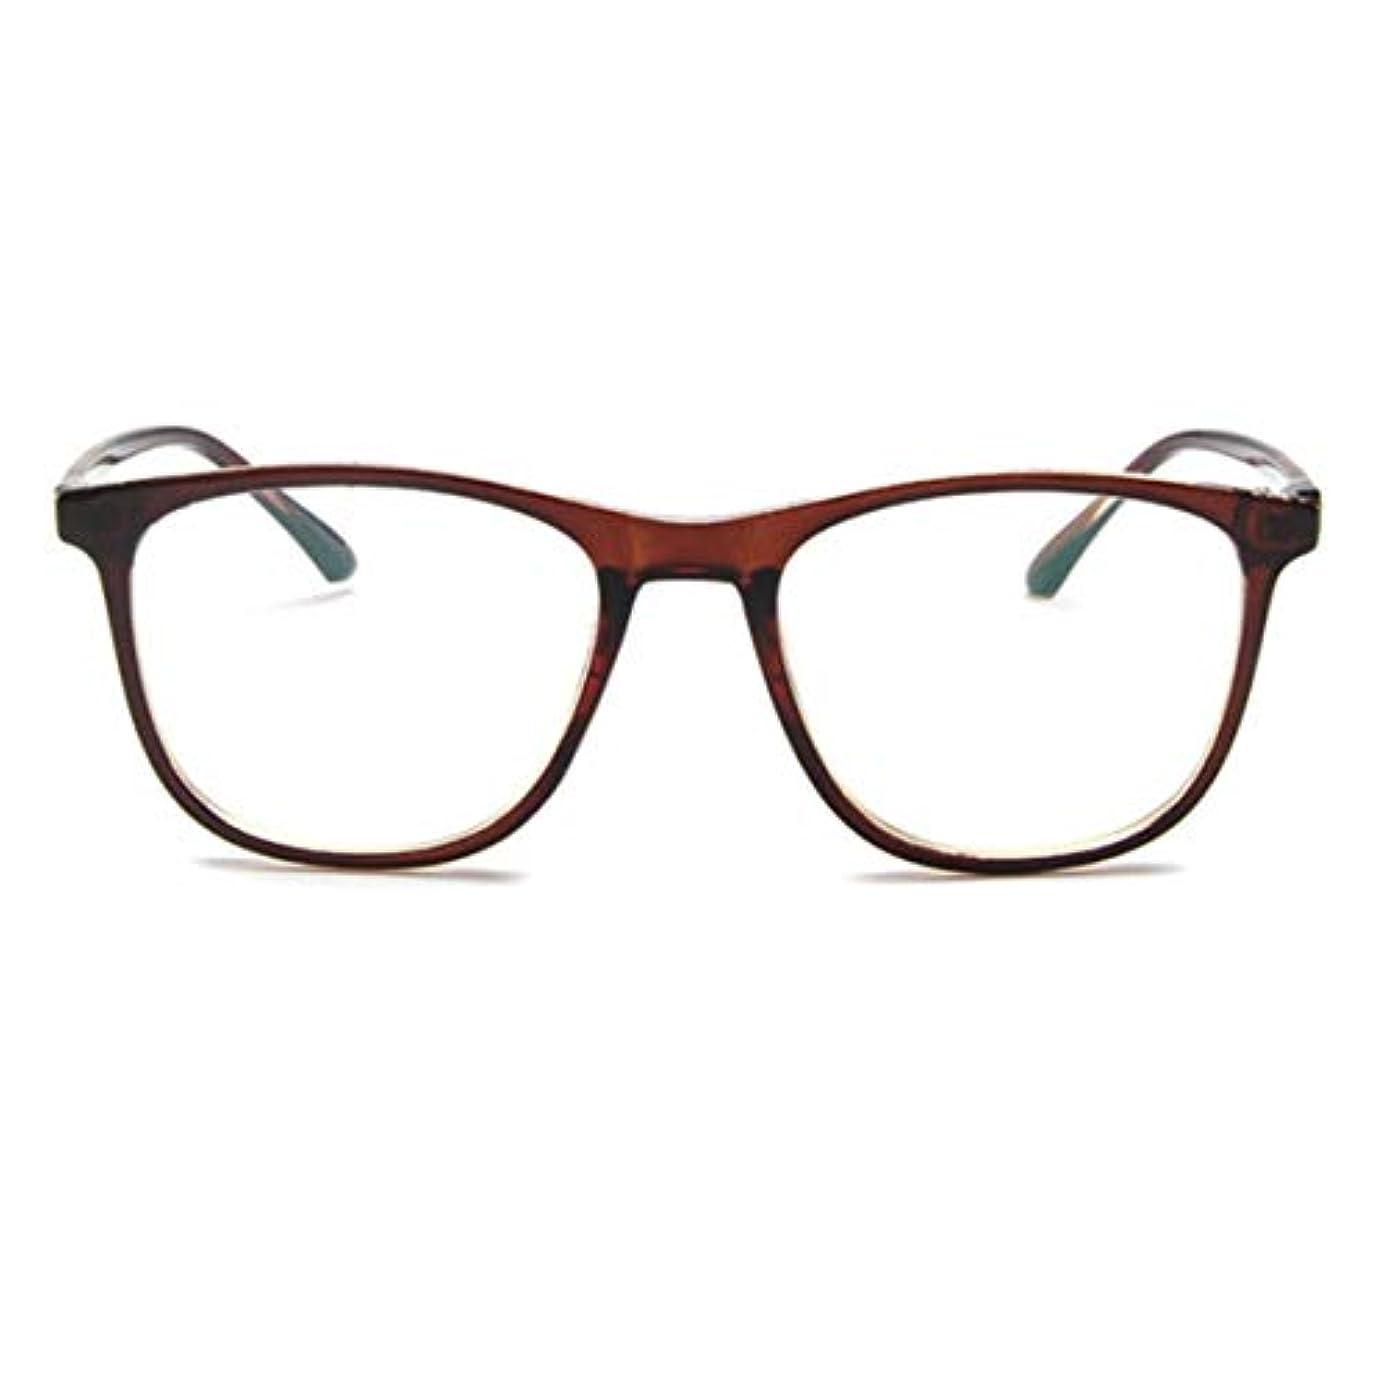 葉っぱ部種類韓国の学生のプレーンメガネ男性と女性のファッションメガネフレーム近視メガネフレームファッショナブルなシンプルなメガネ-ダークブラウン